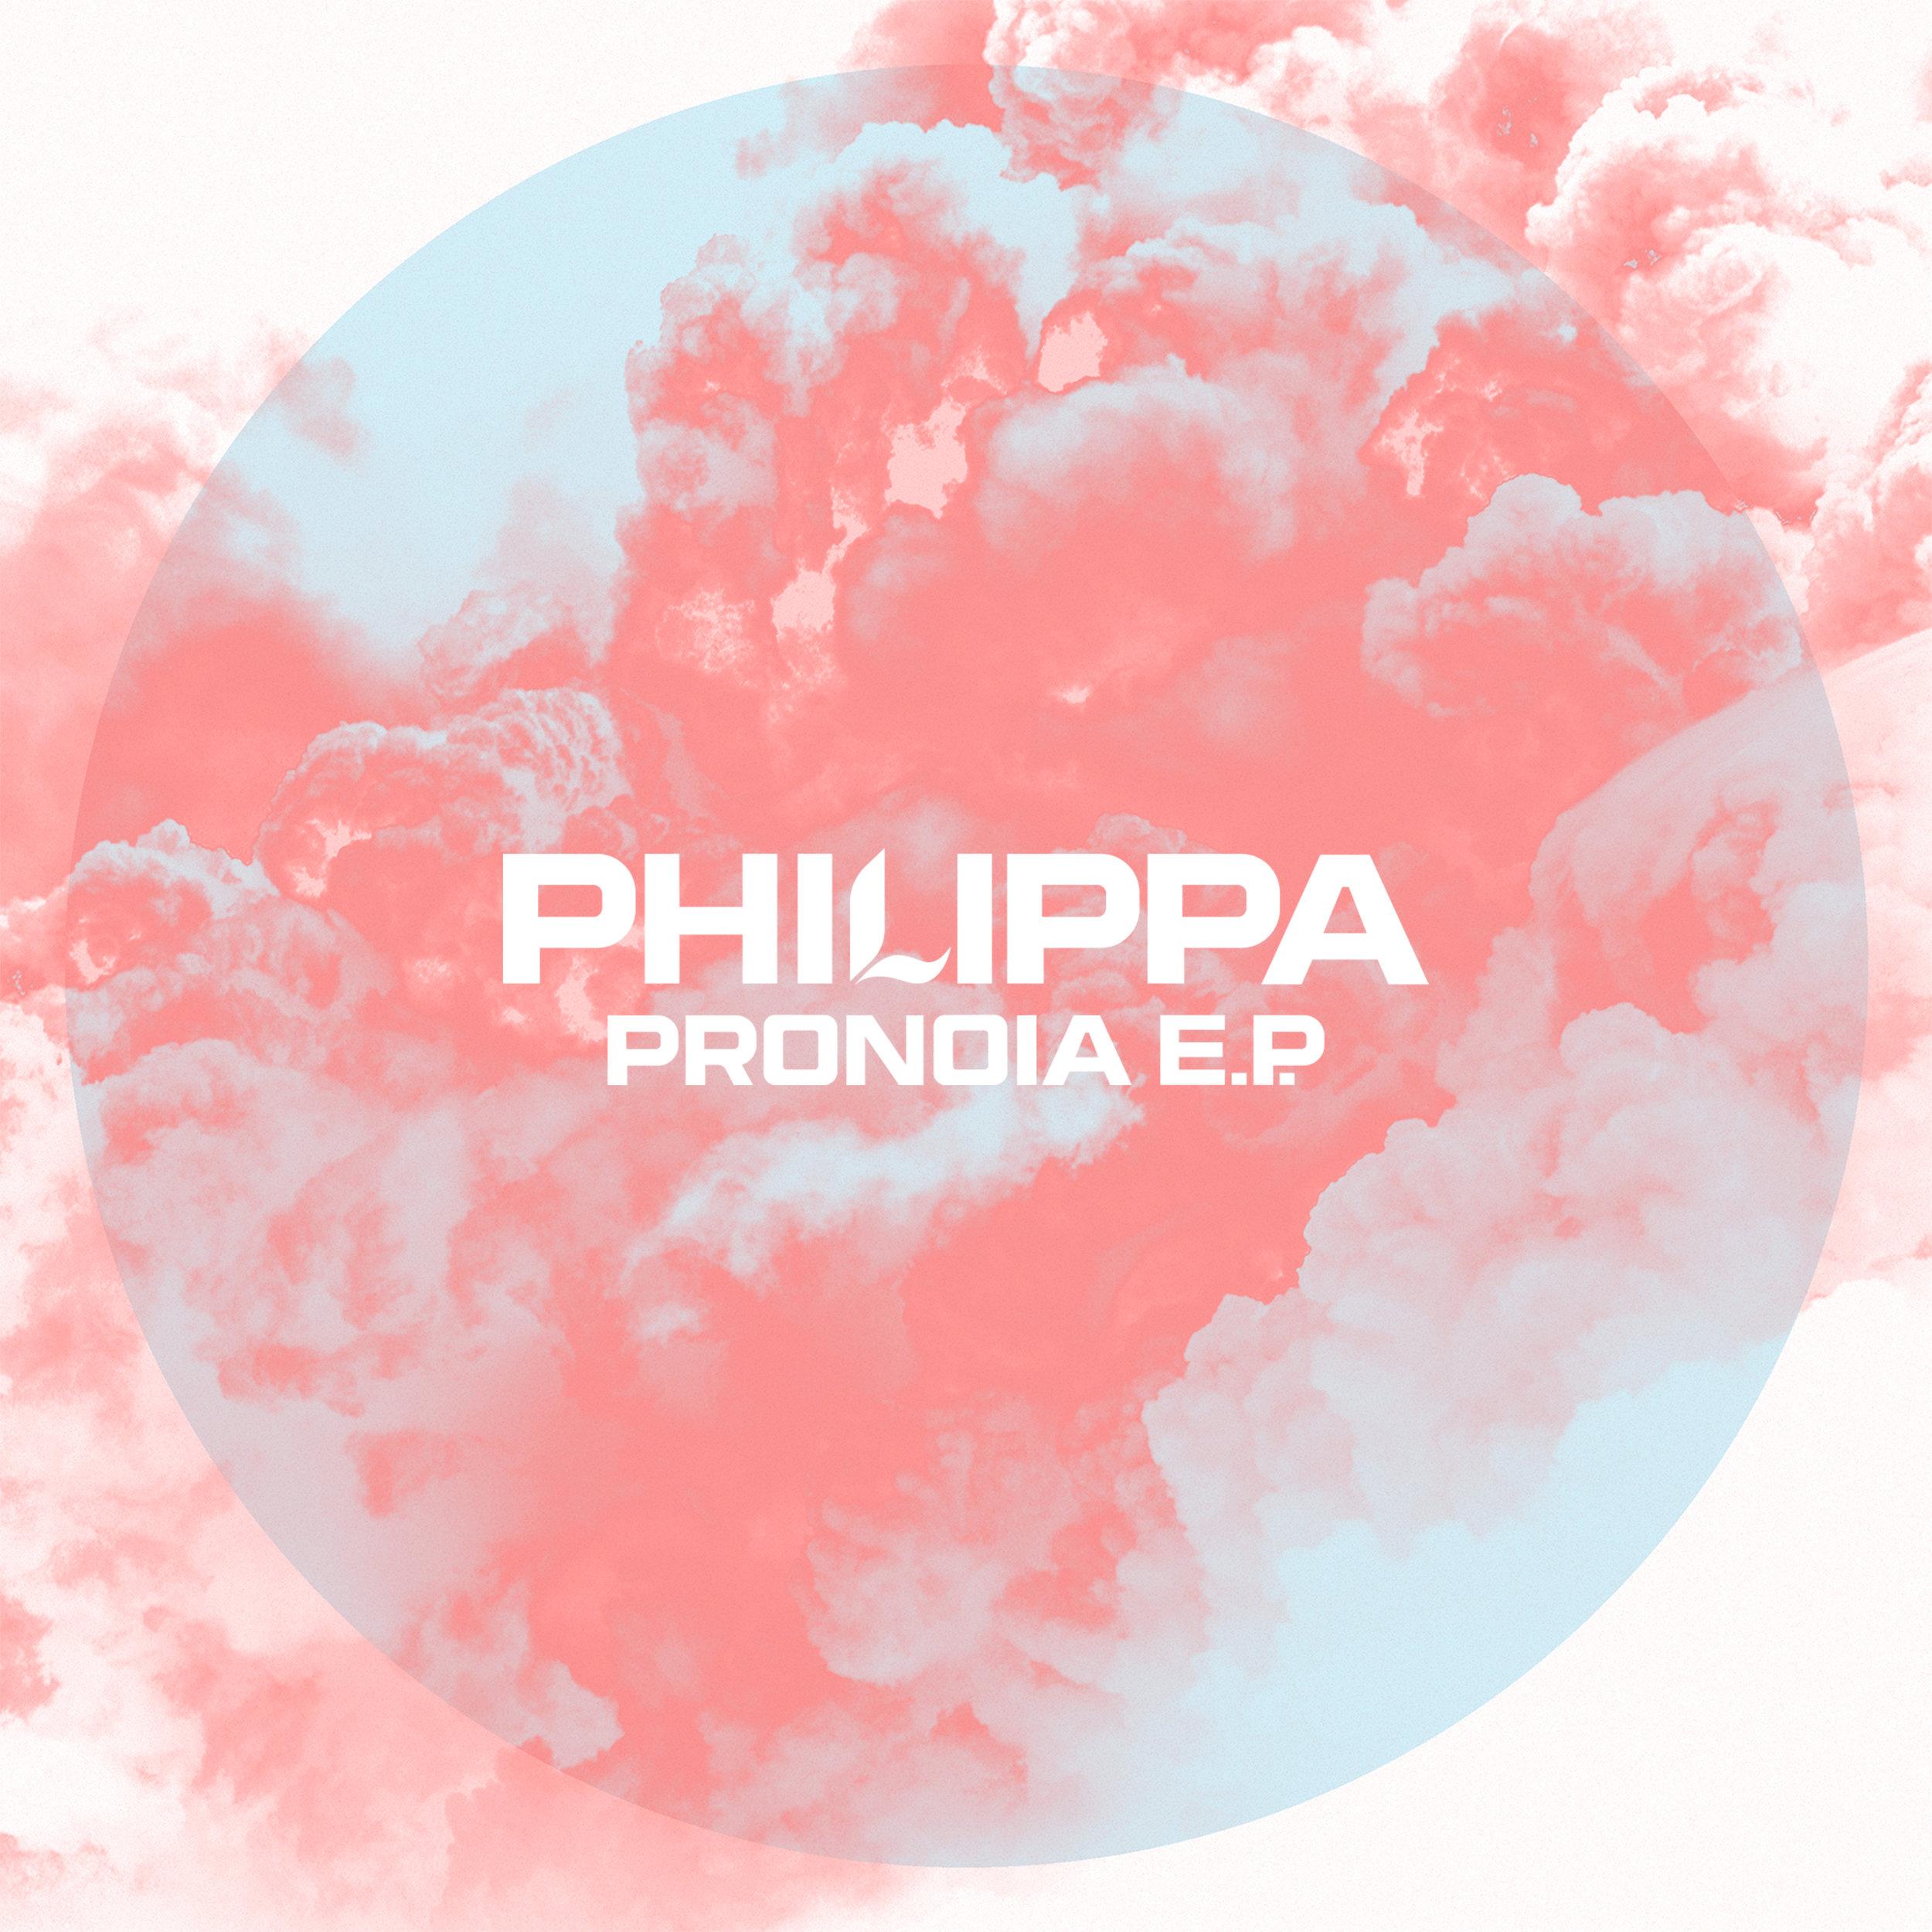 PHILIPPA Pronoia e.p.